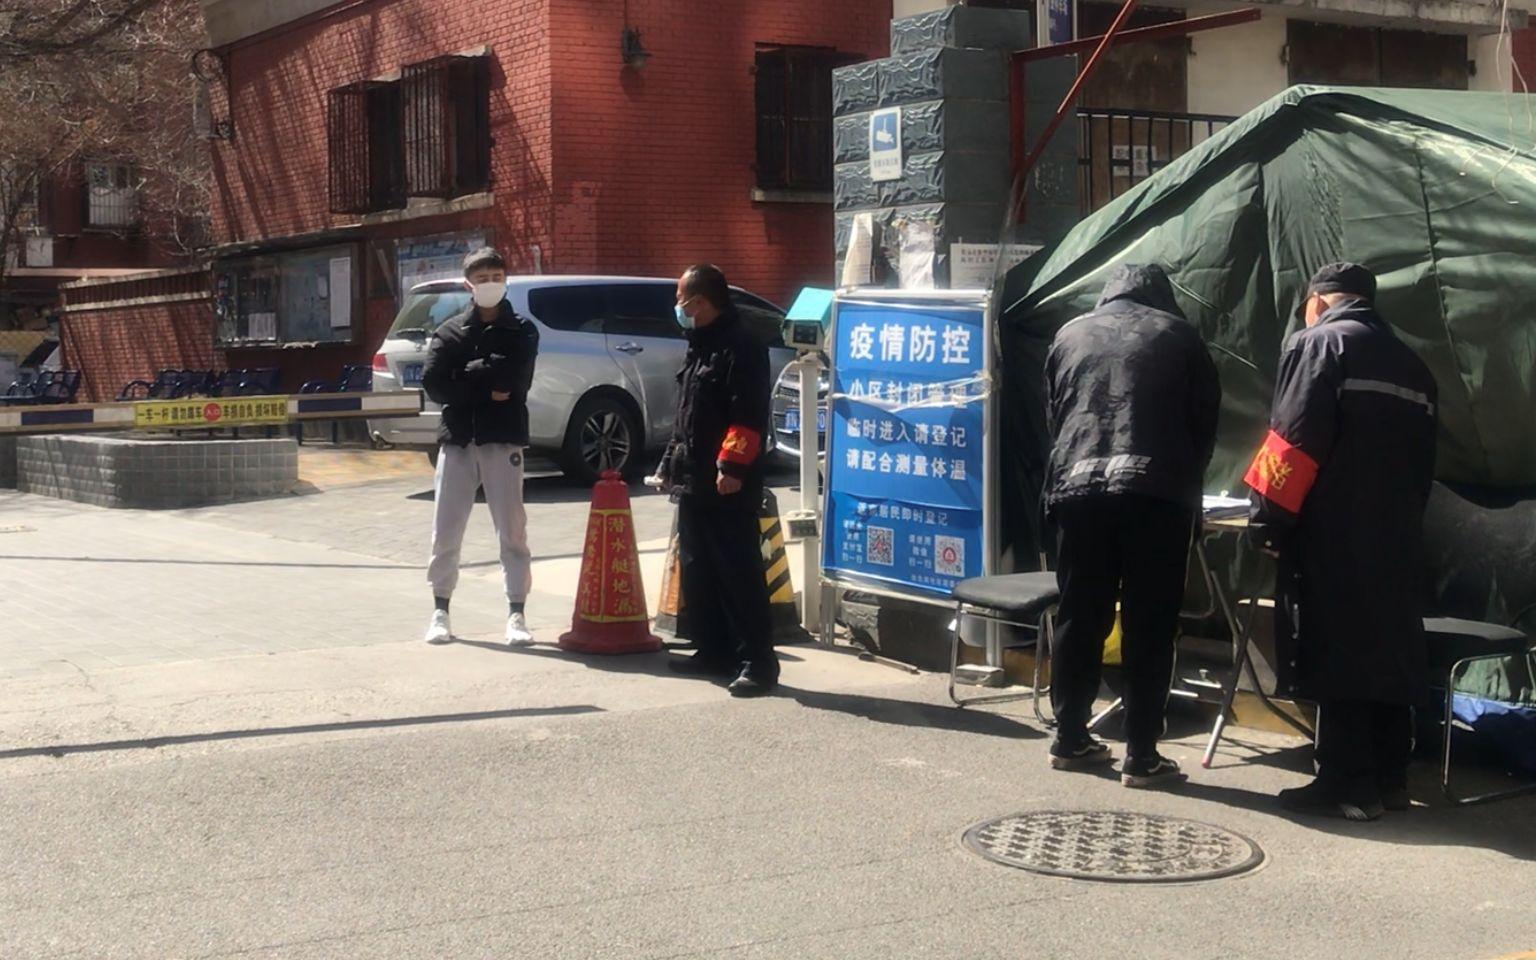 涉事澳籍女子曾住小区。新京报记者 逯仲胜 摄